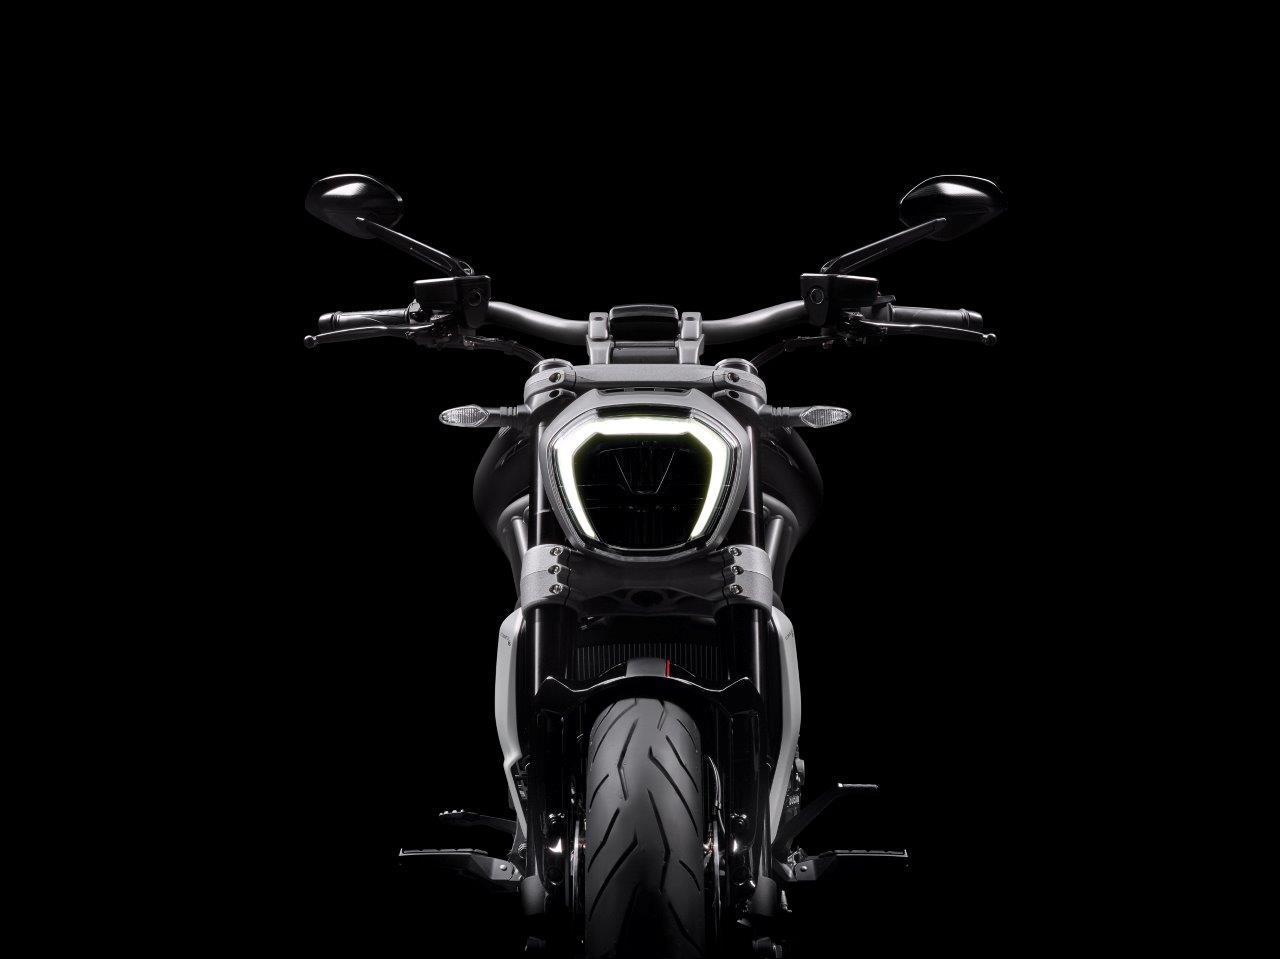 画像2: Ducati XDiavel S 米国の「グッドデザイン賞2016」を受賞